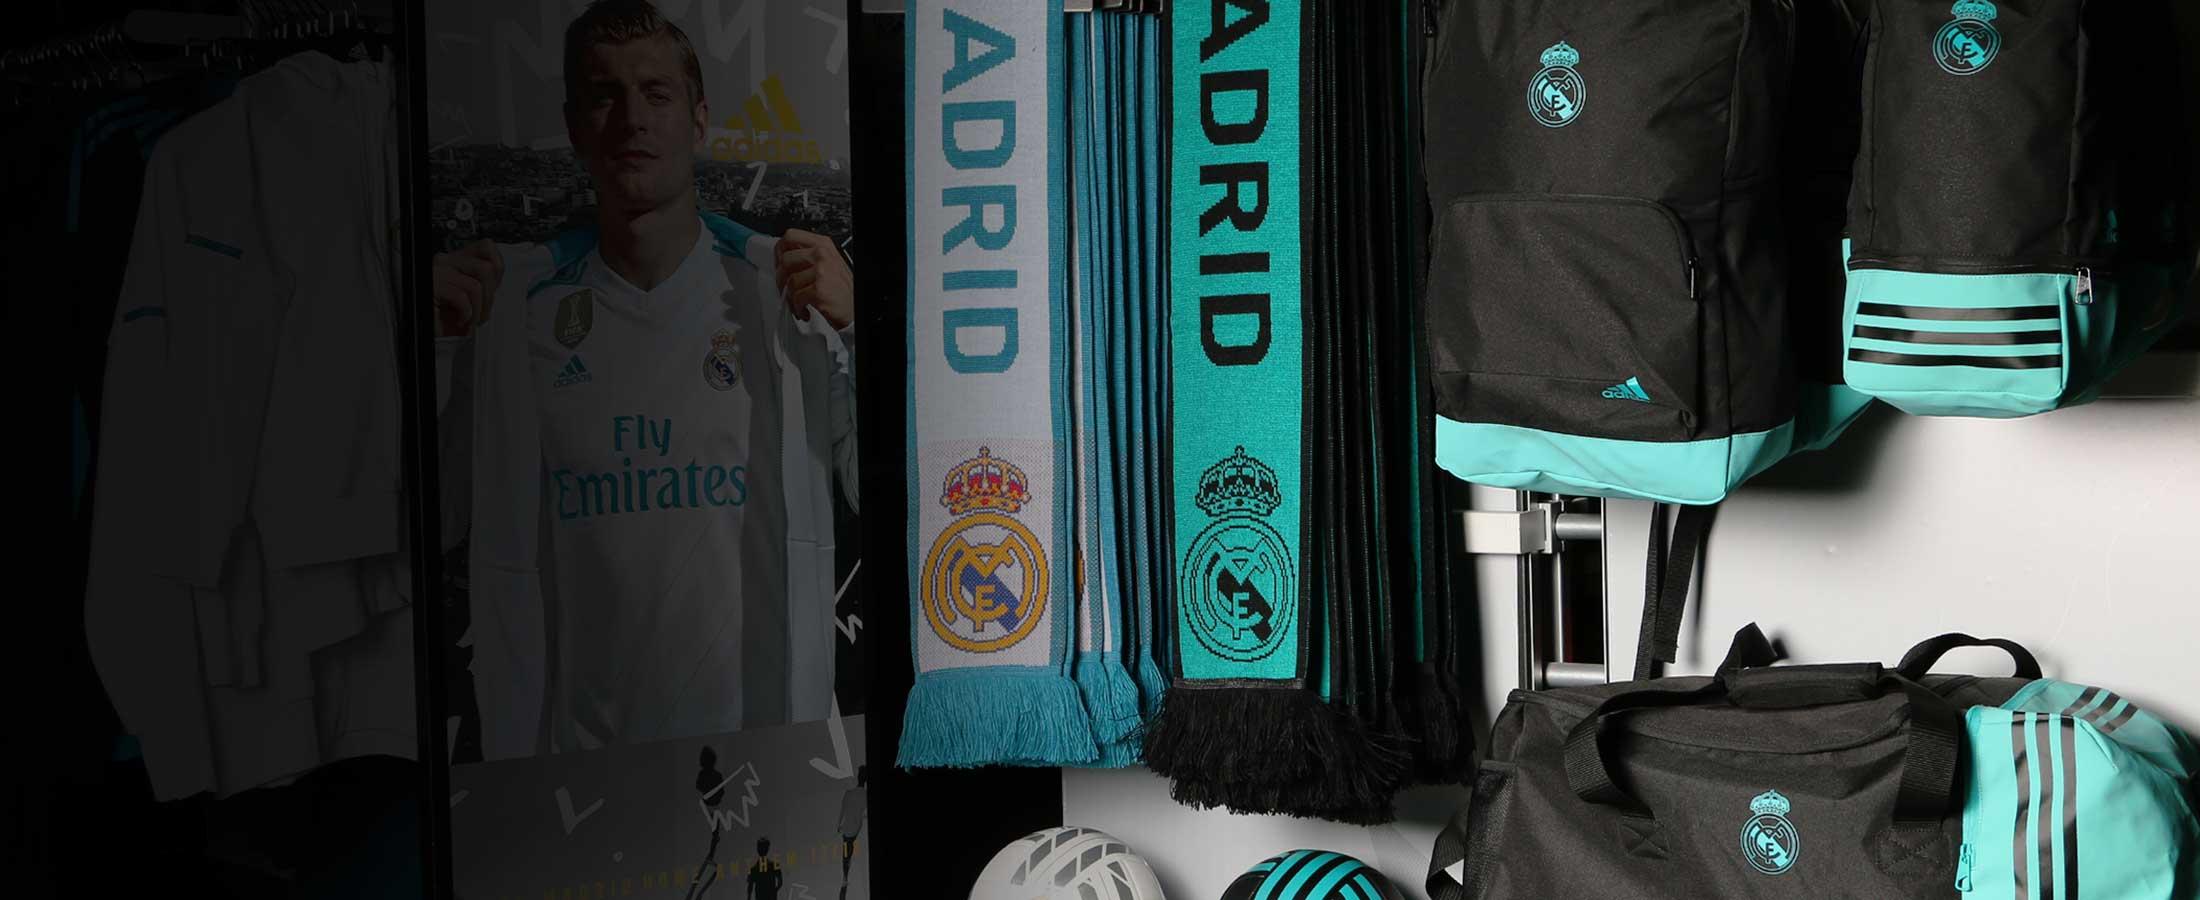 Complementos oficiales del Real Madrid